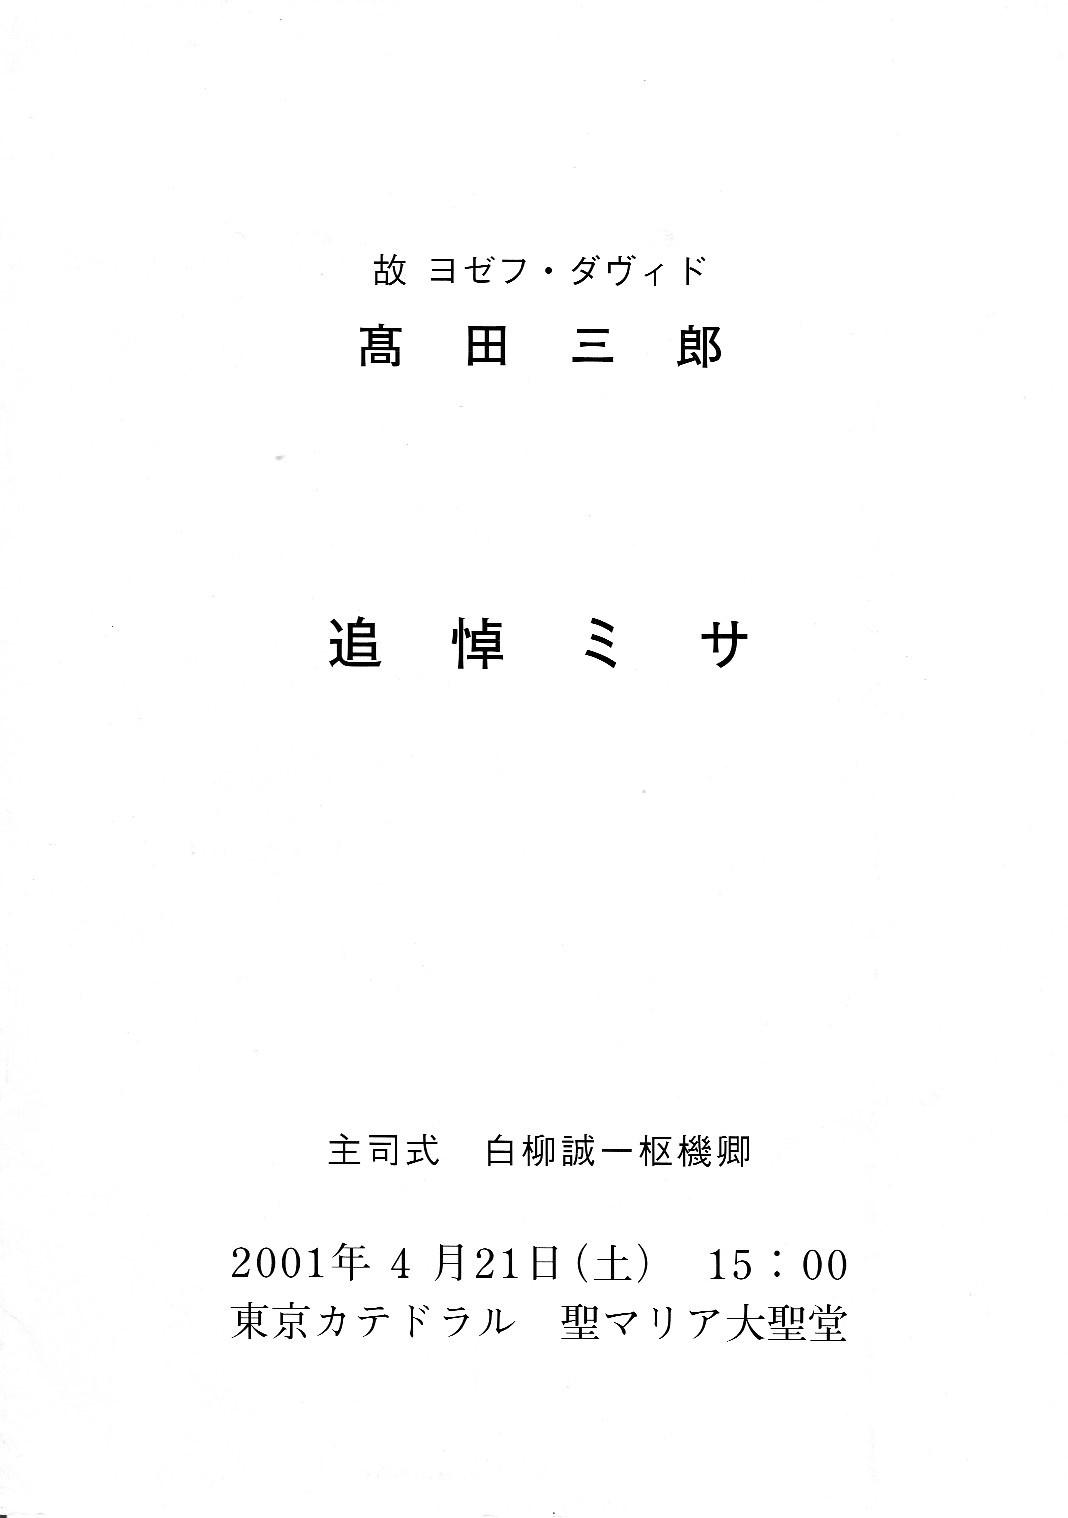 髙田三郎追悼ミサ_c0125004_15290598.jpg